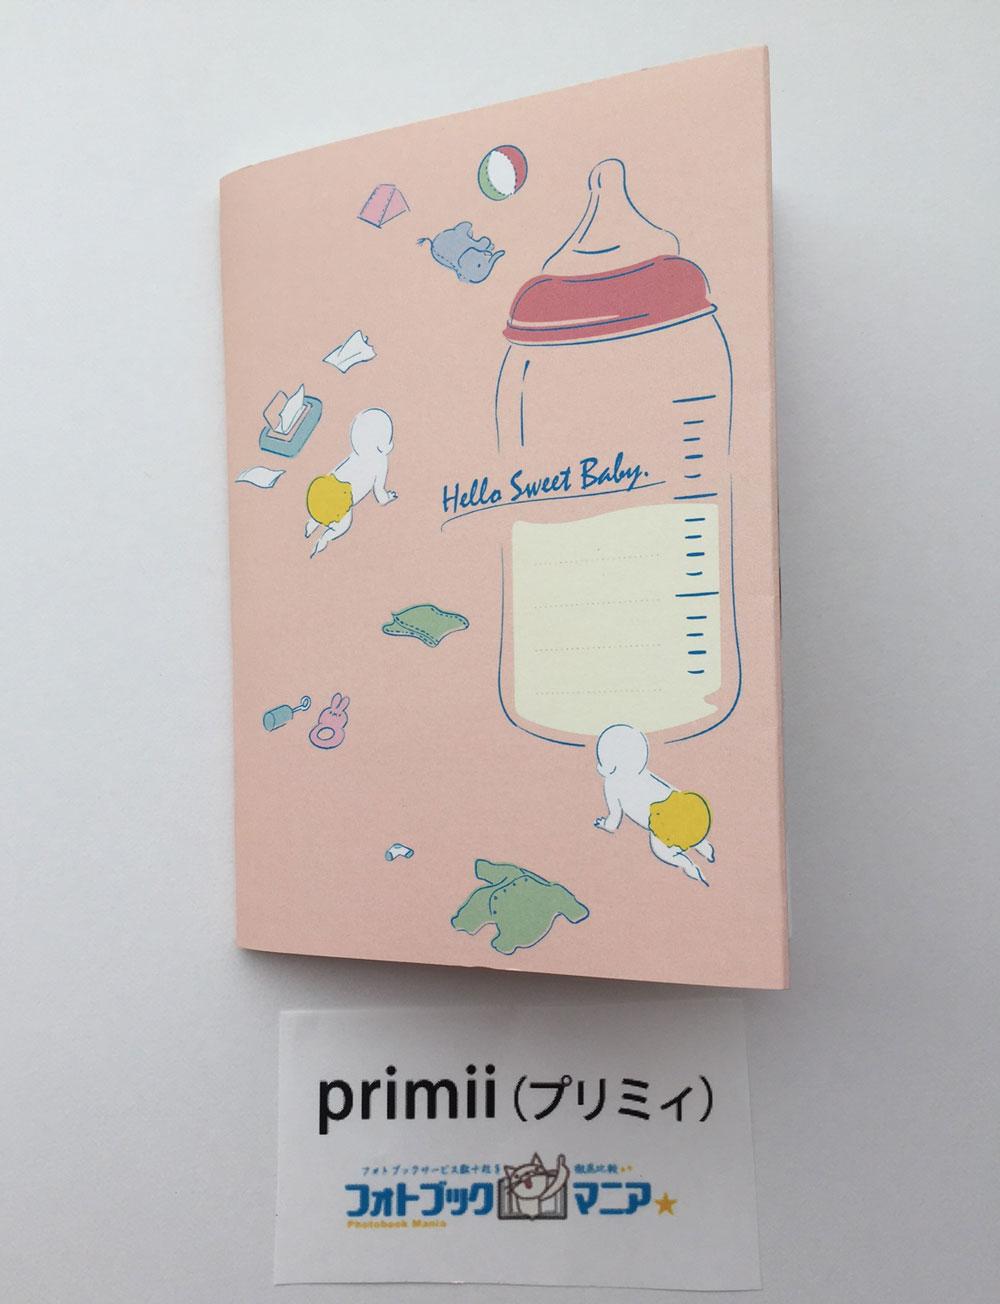 Primii(プリミィ)のフォトブックを作りました。 レビュー・評価・口コミ